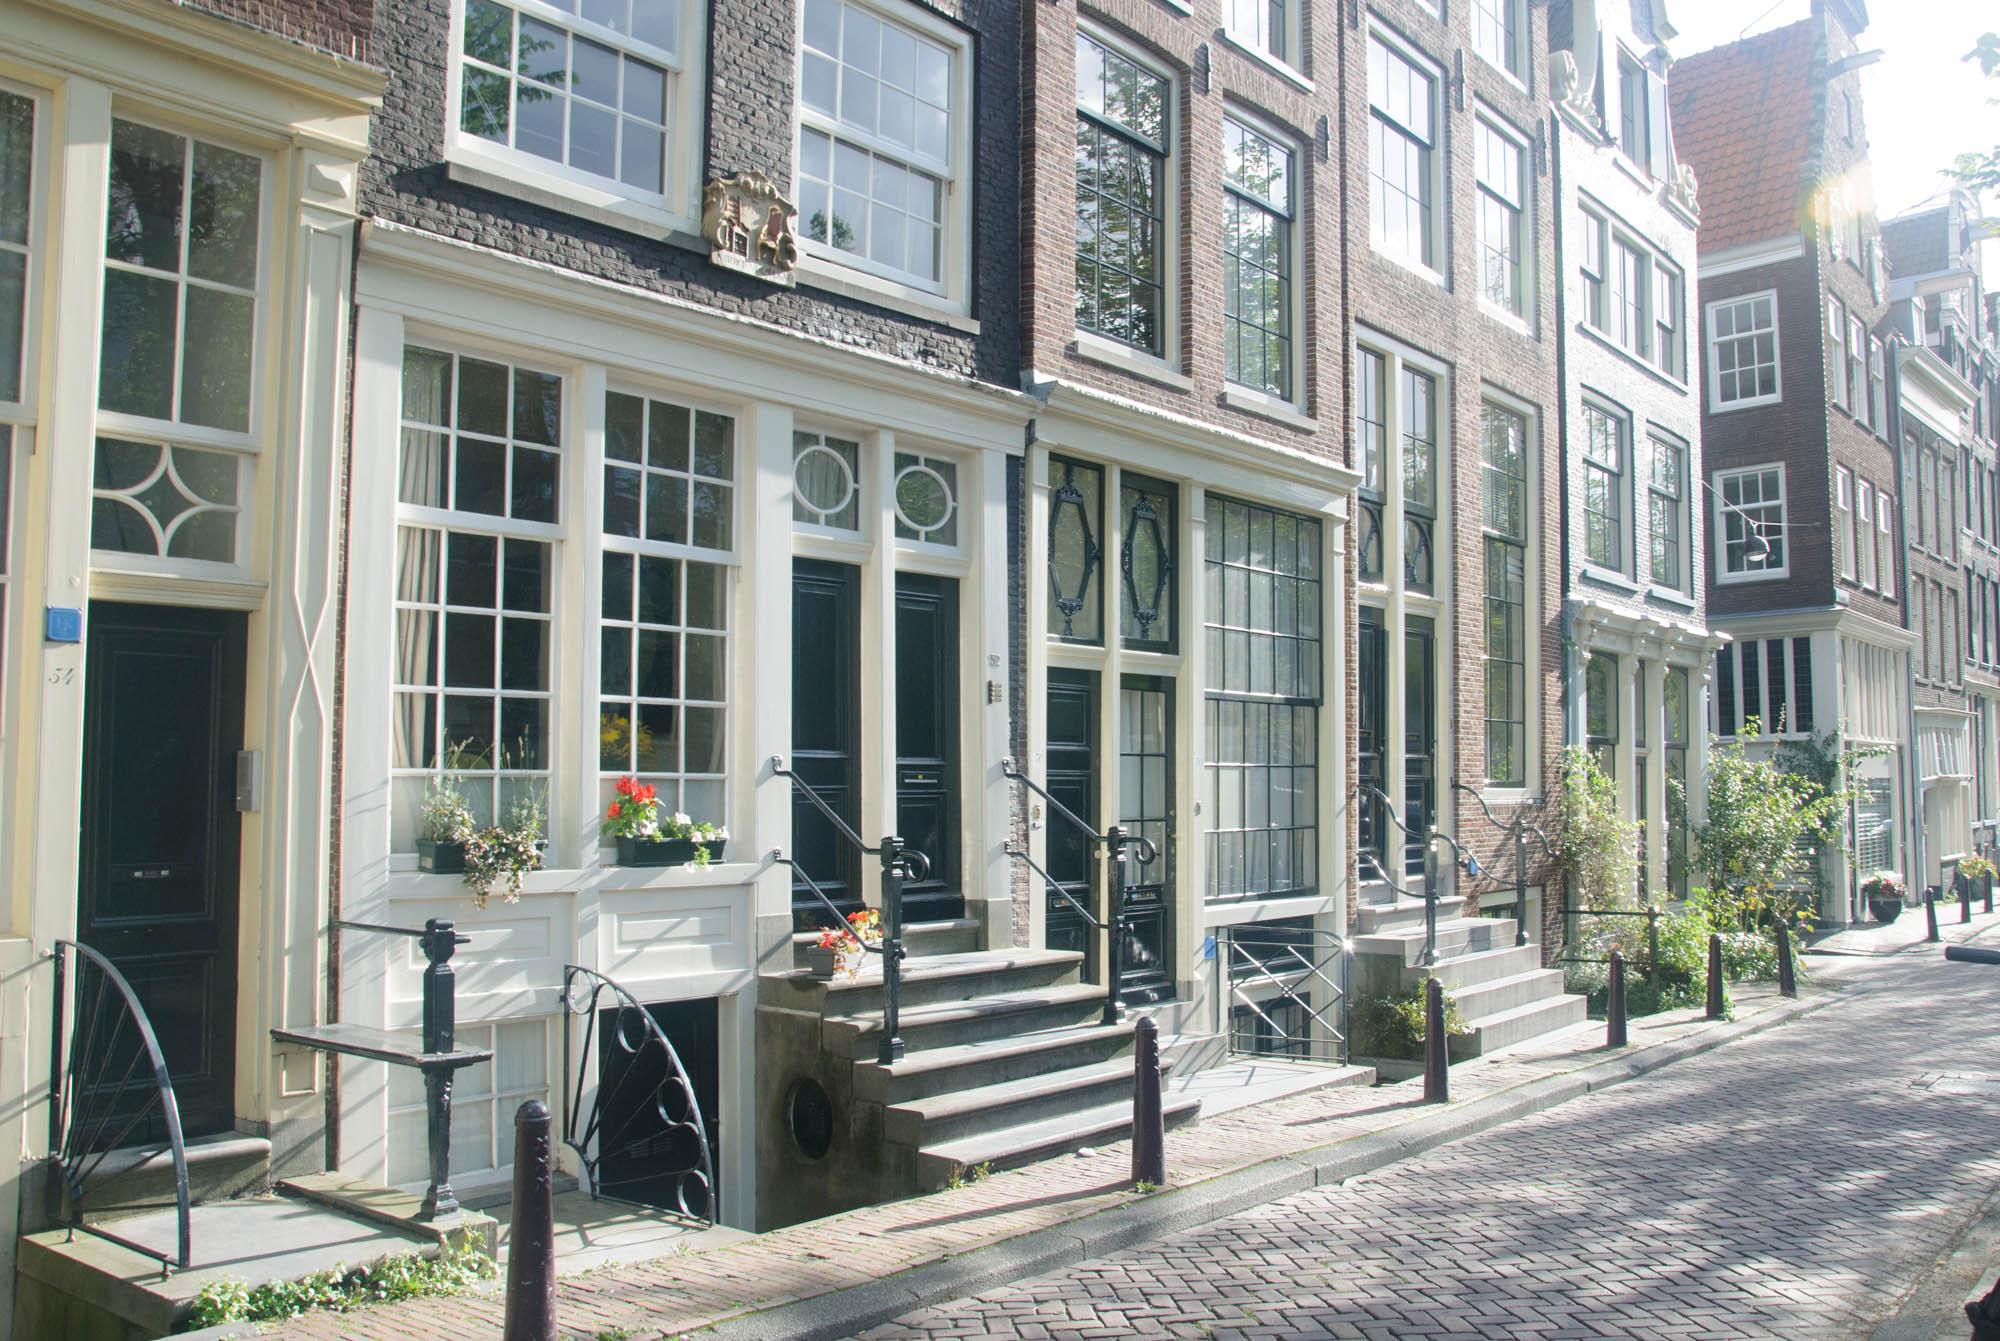 Les belles rues d'Amsterdam... Quelle poésie dans cette ville